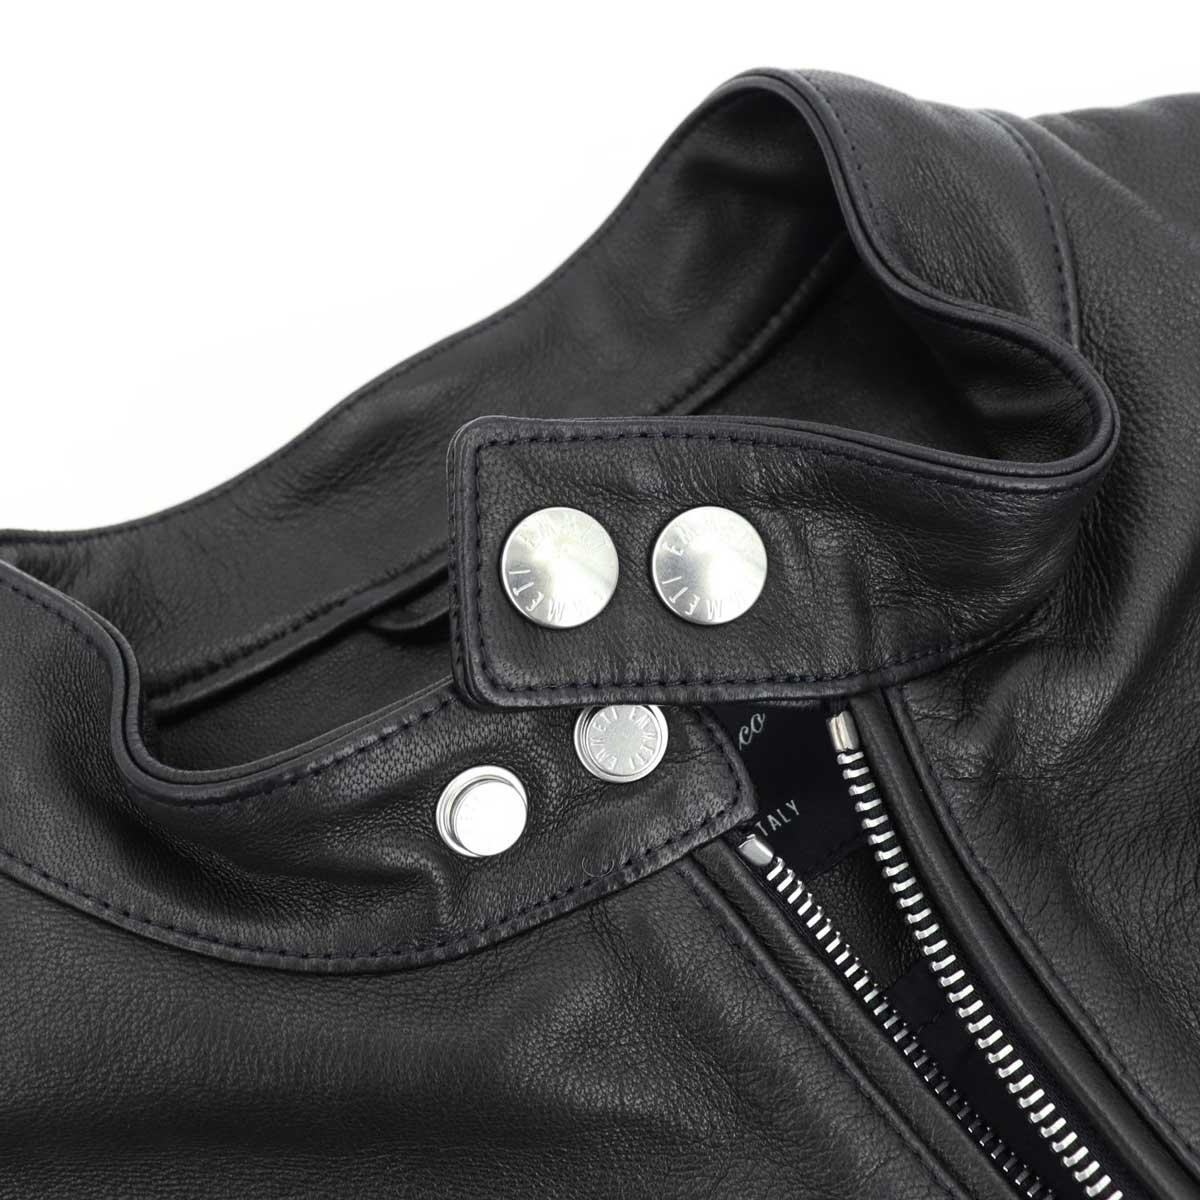 エンメティ EMMETI 干場義雅氏コラボモデル メンズ 0.9mm厚 ラムスキン ナッパレザー シングルライダースジャケット H UOMO EMT アッカ ウオモ NERO 190/1(ブラック)